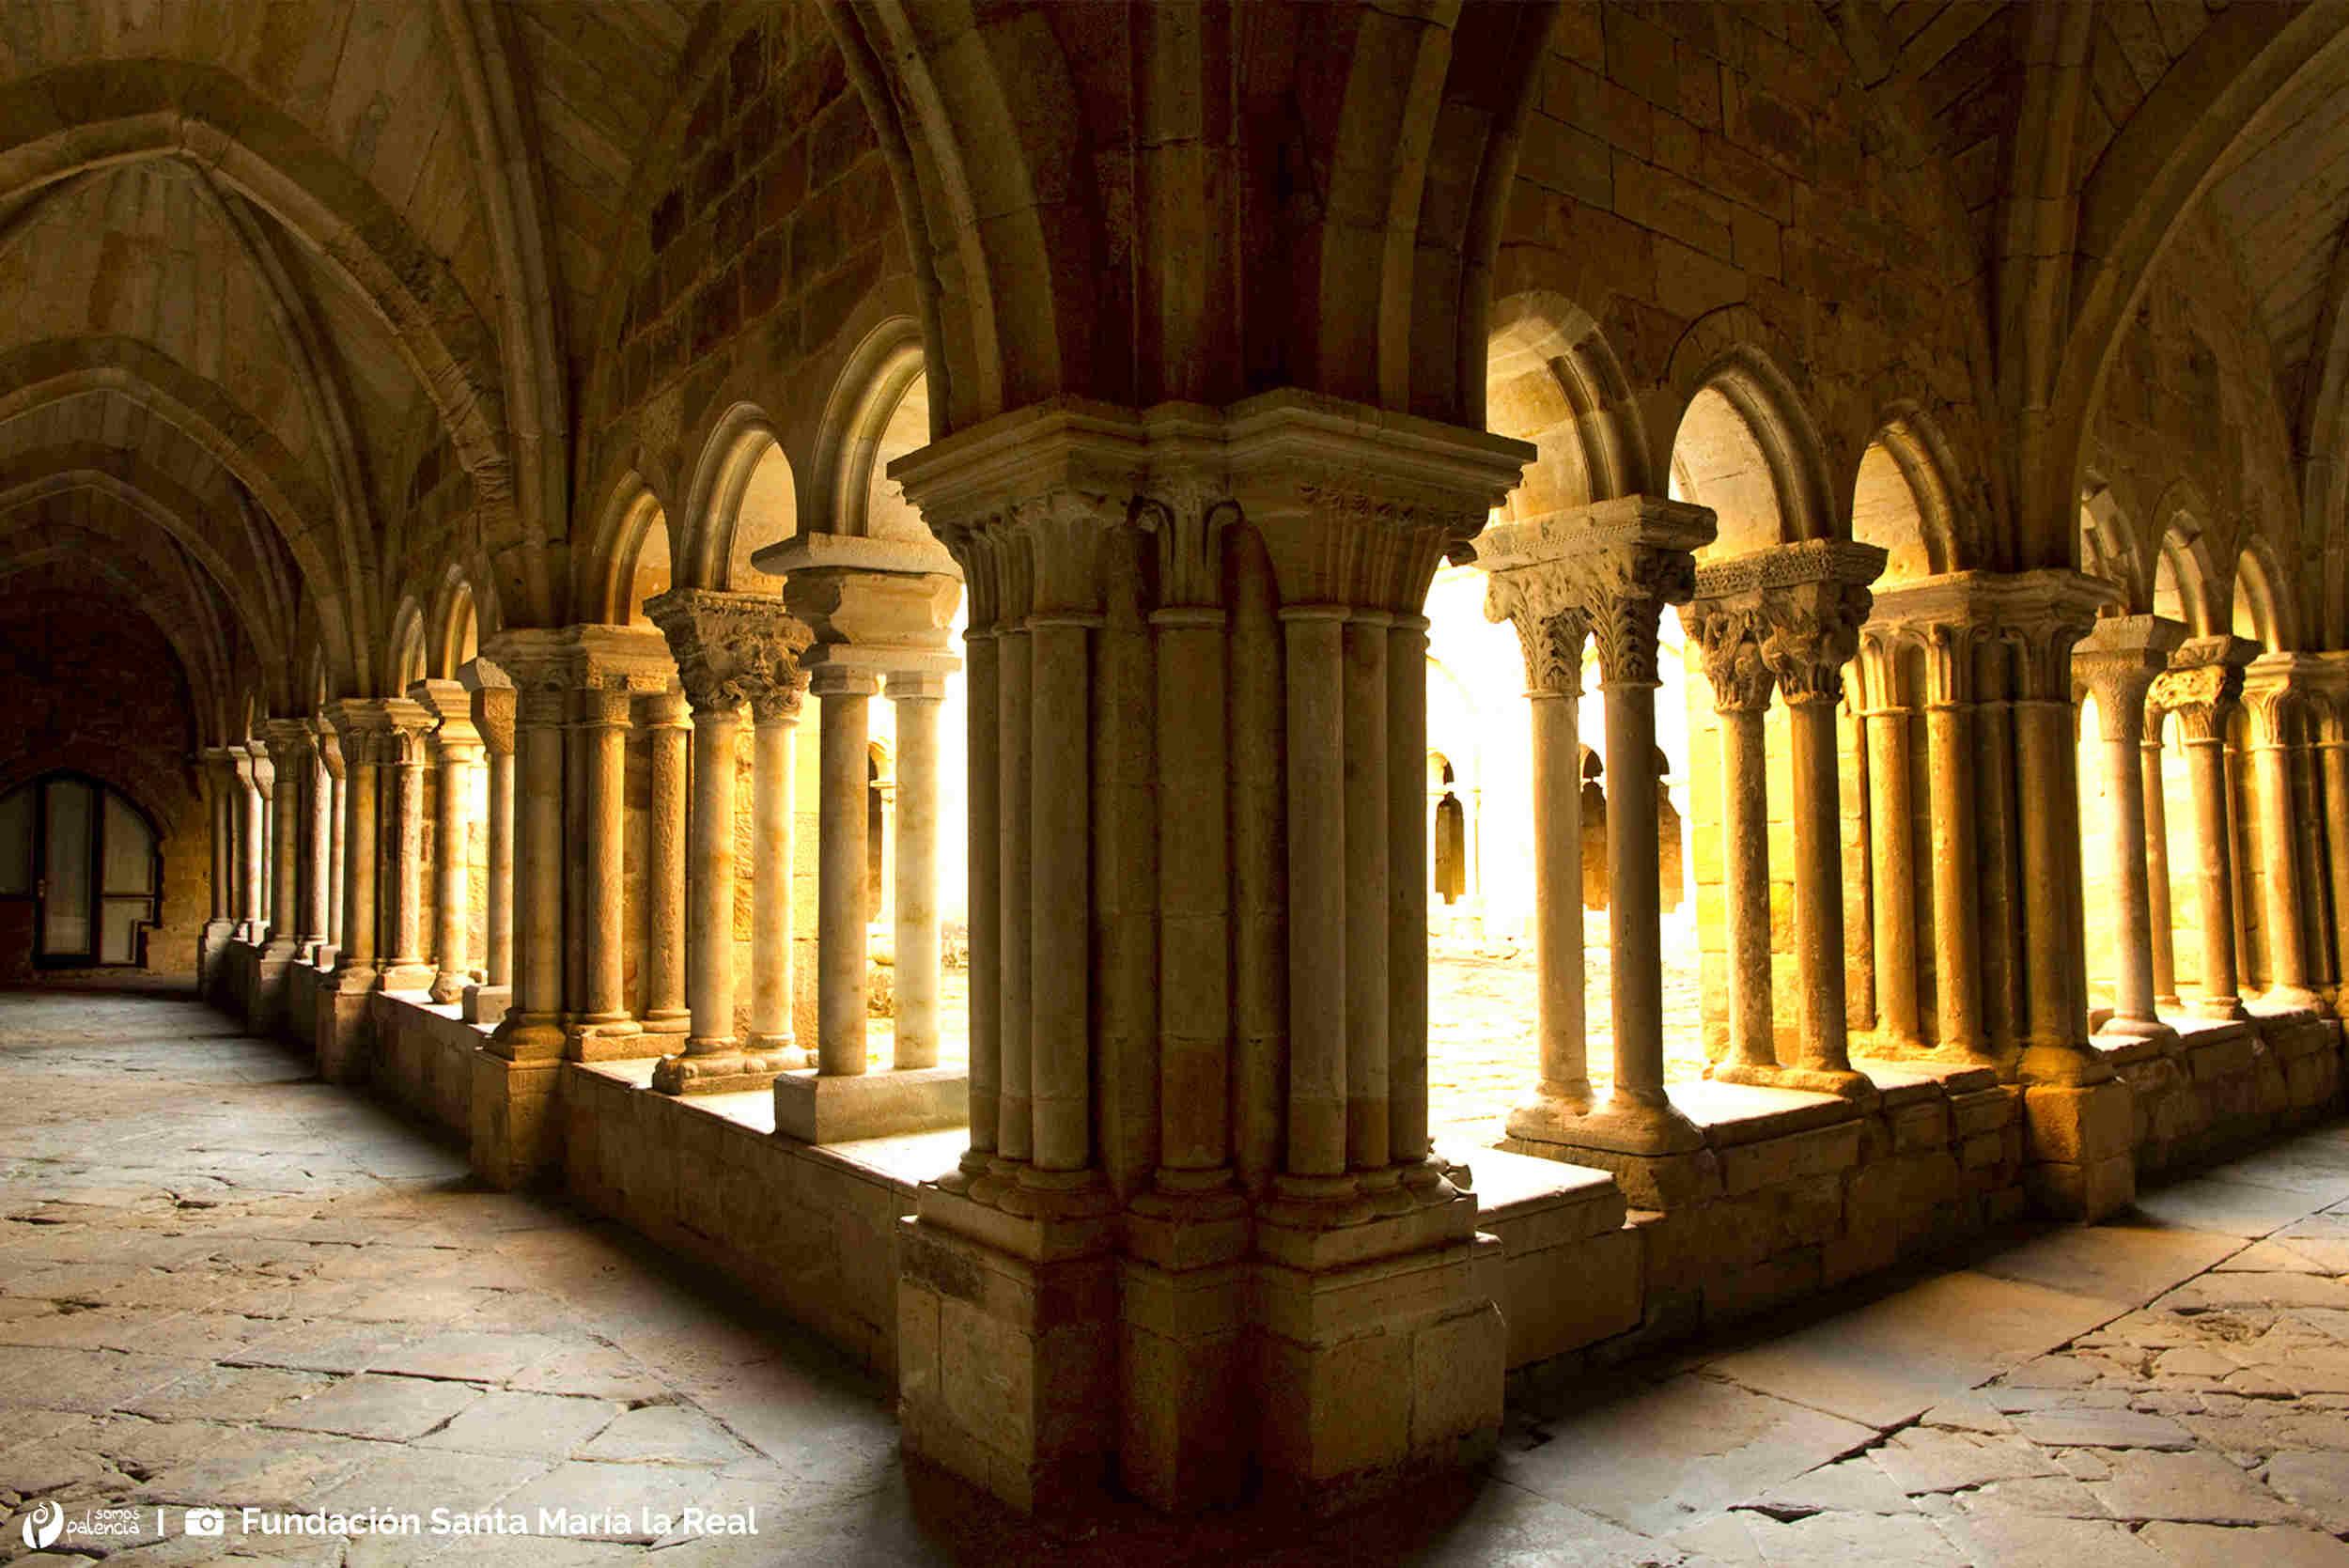 Claustro del Monasterio Santa María la Real - Aguilar de Campoo - Palencia